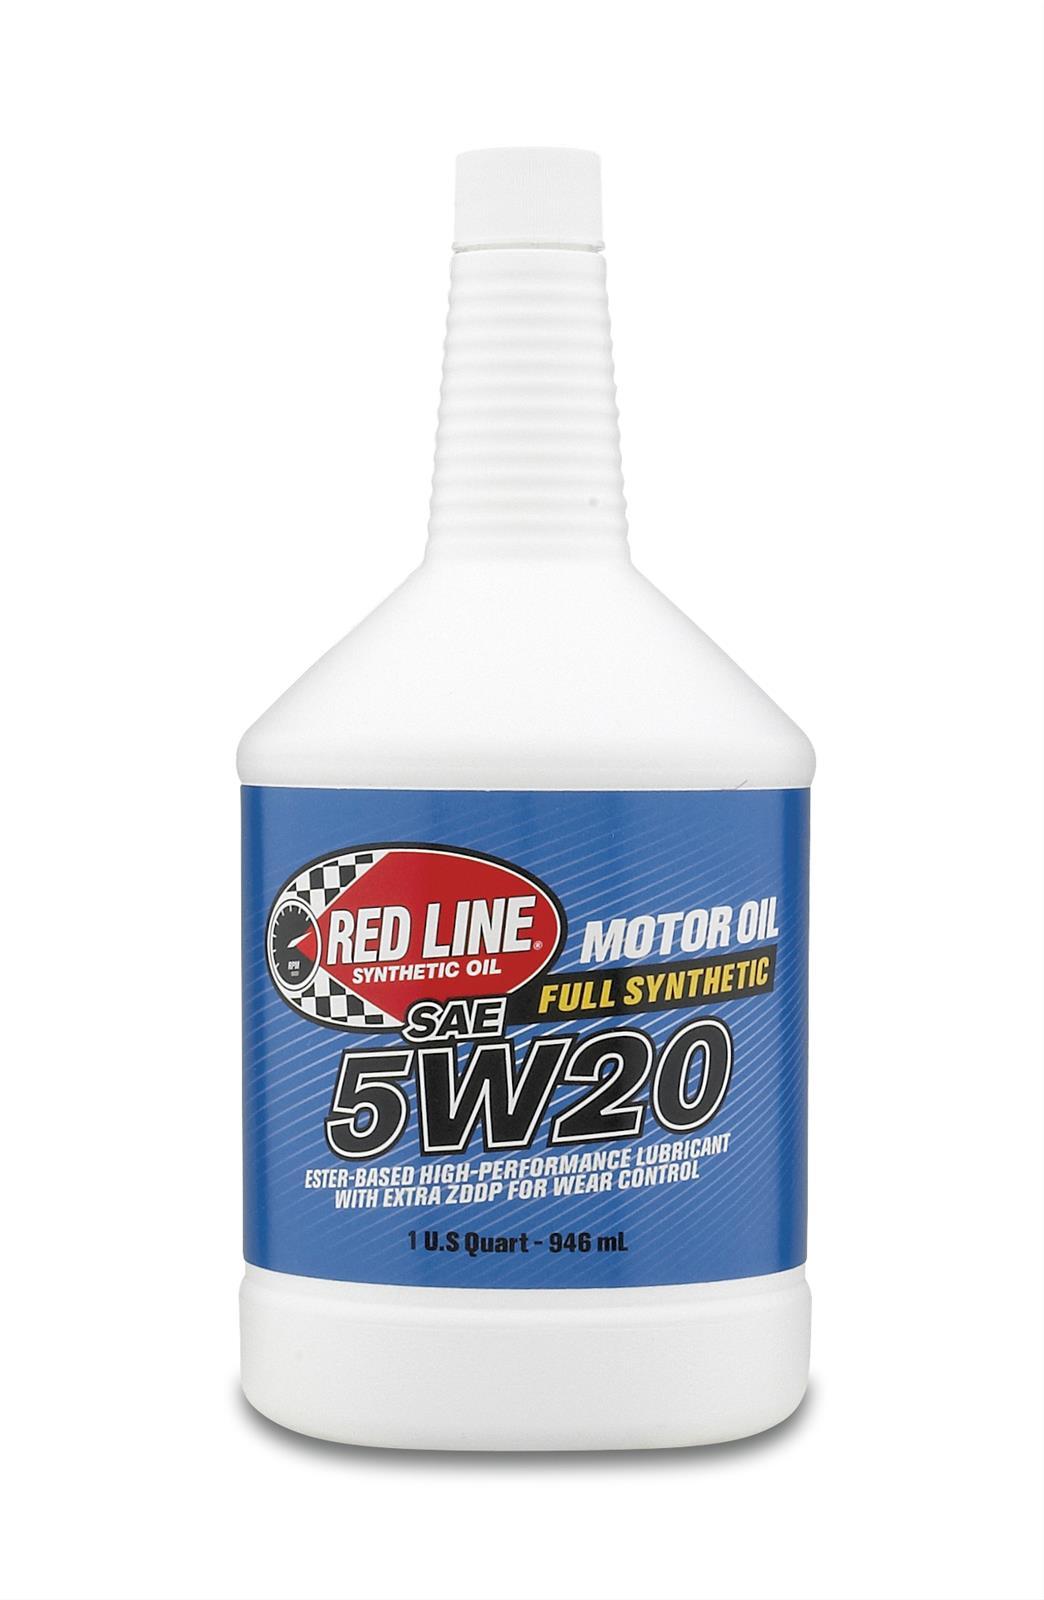 Red Line 5W20 Motor Oil Quart